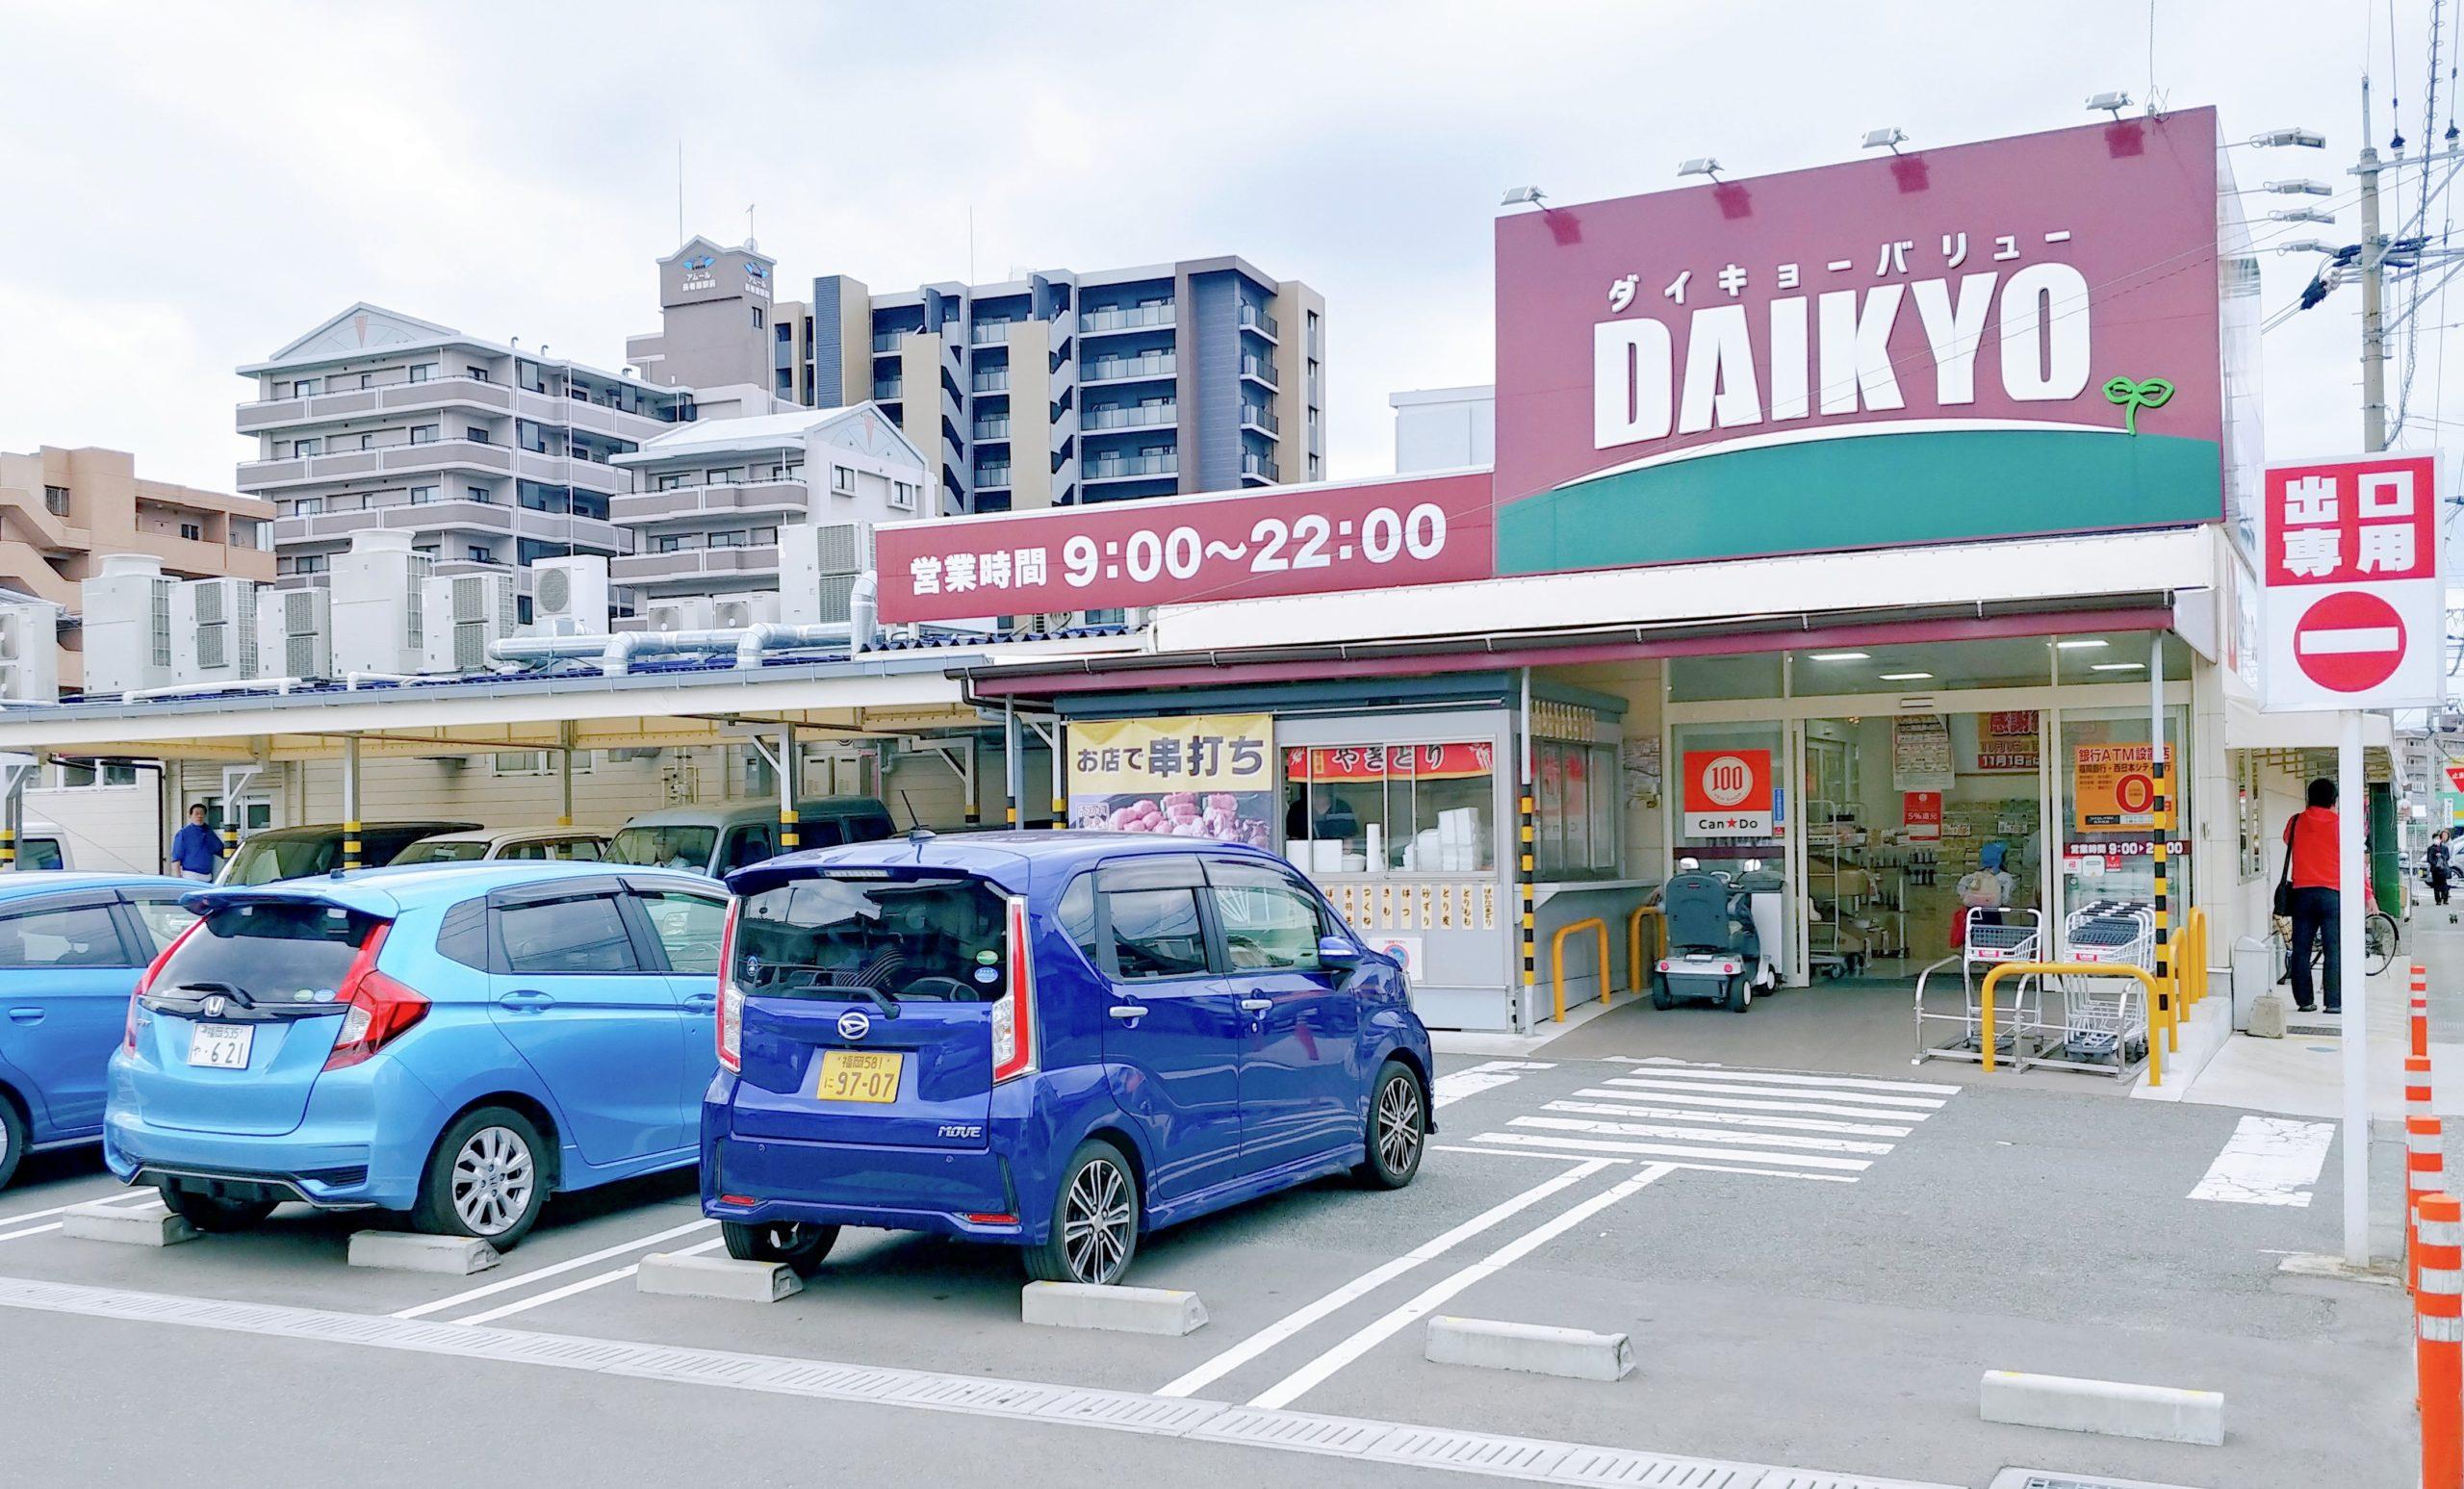 行かない理由が見つからない、お得すぎる地域密着型スーパーマーケット